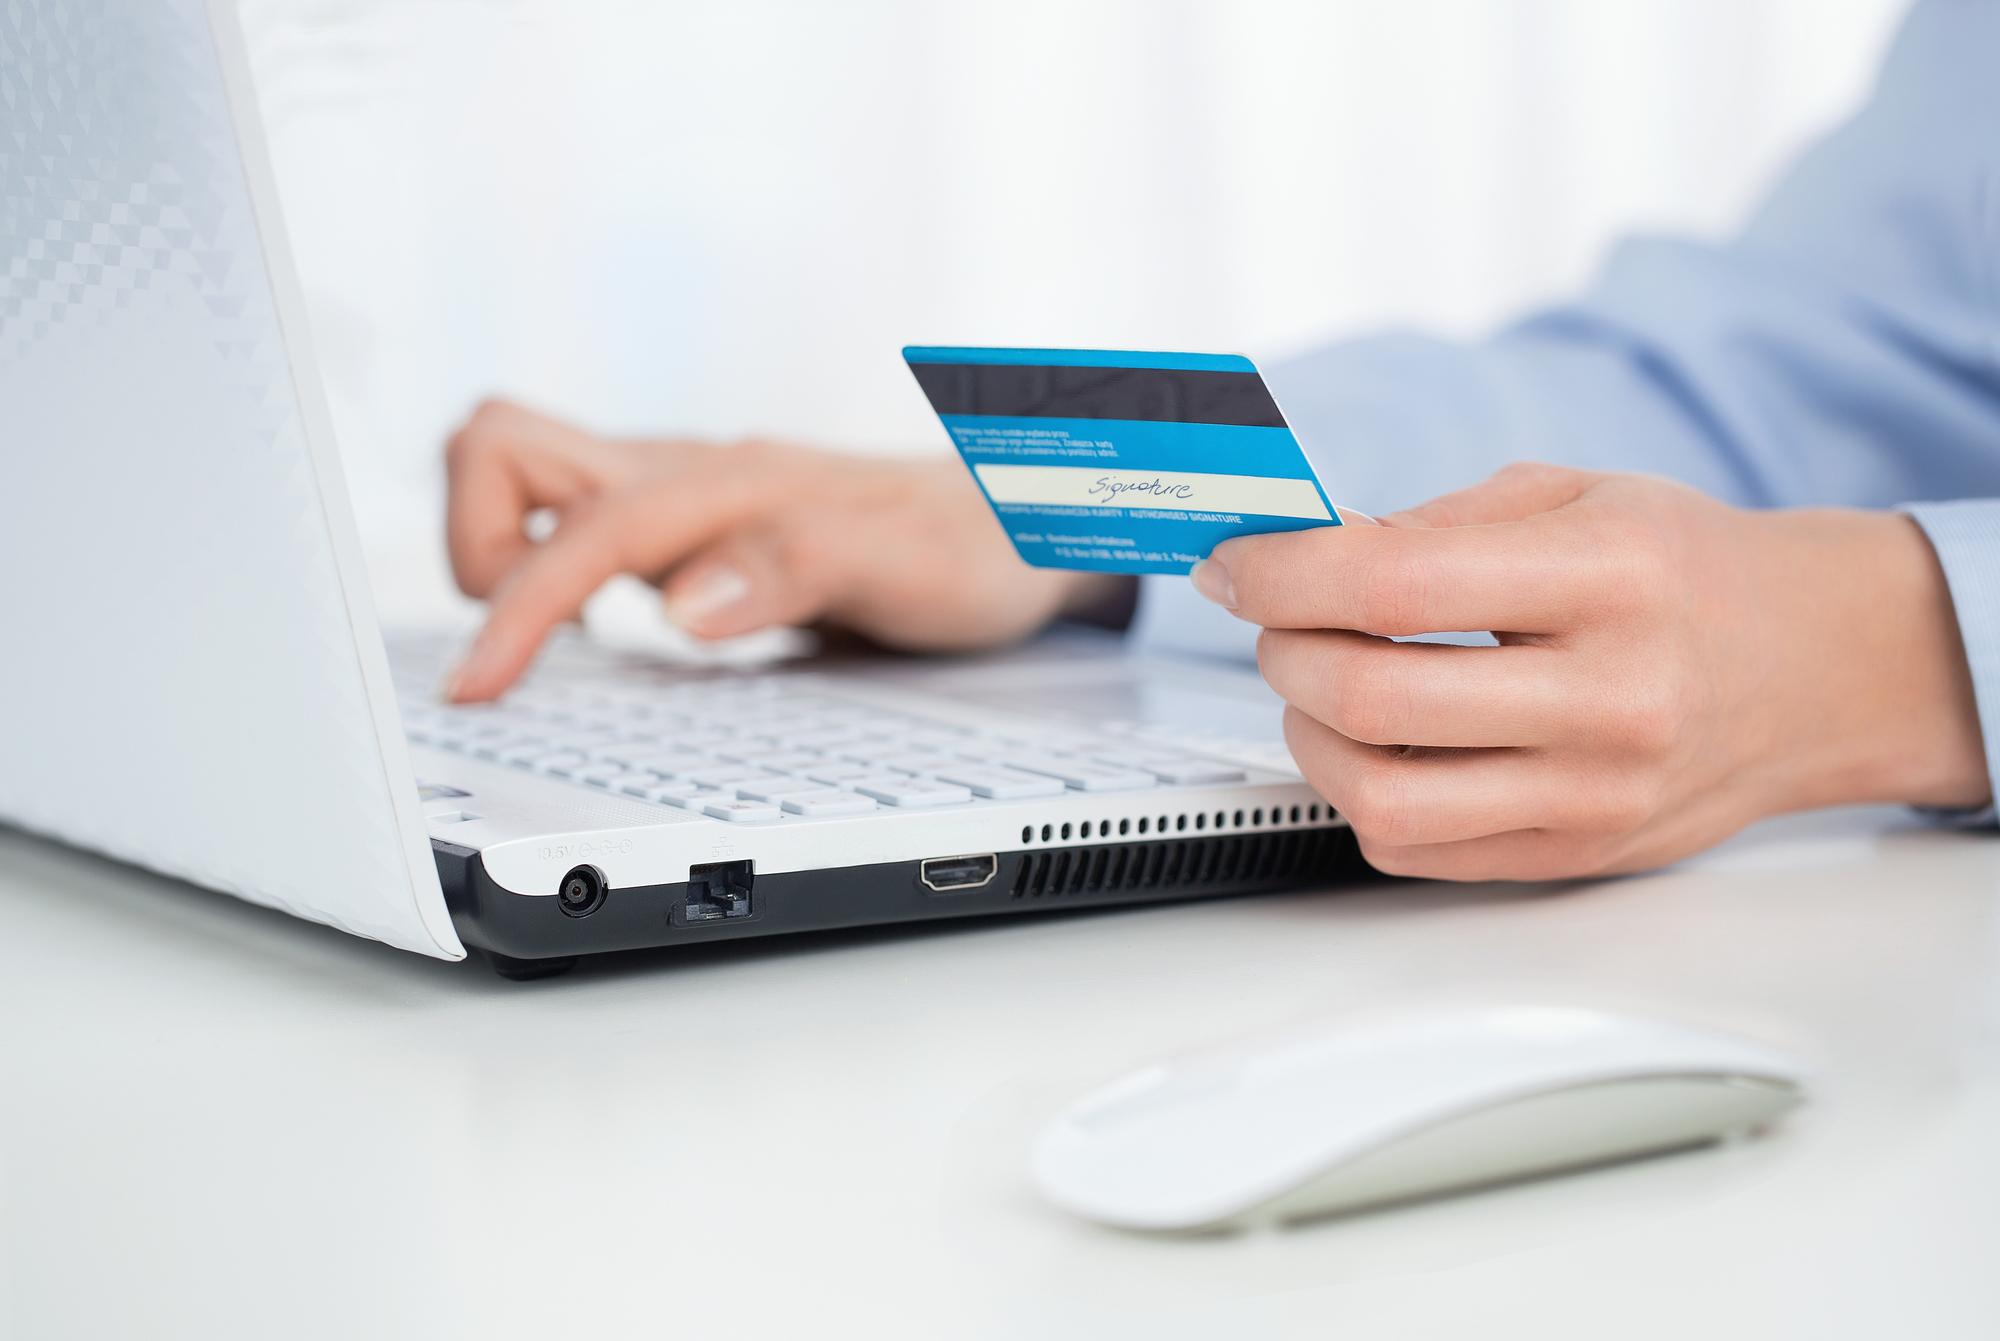 Банк Хоум Кредит предлагает взять потребительский кредит наличными на любые цели.